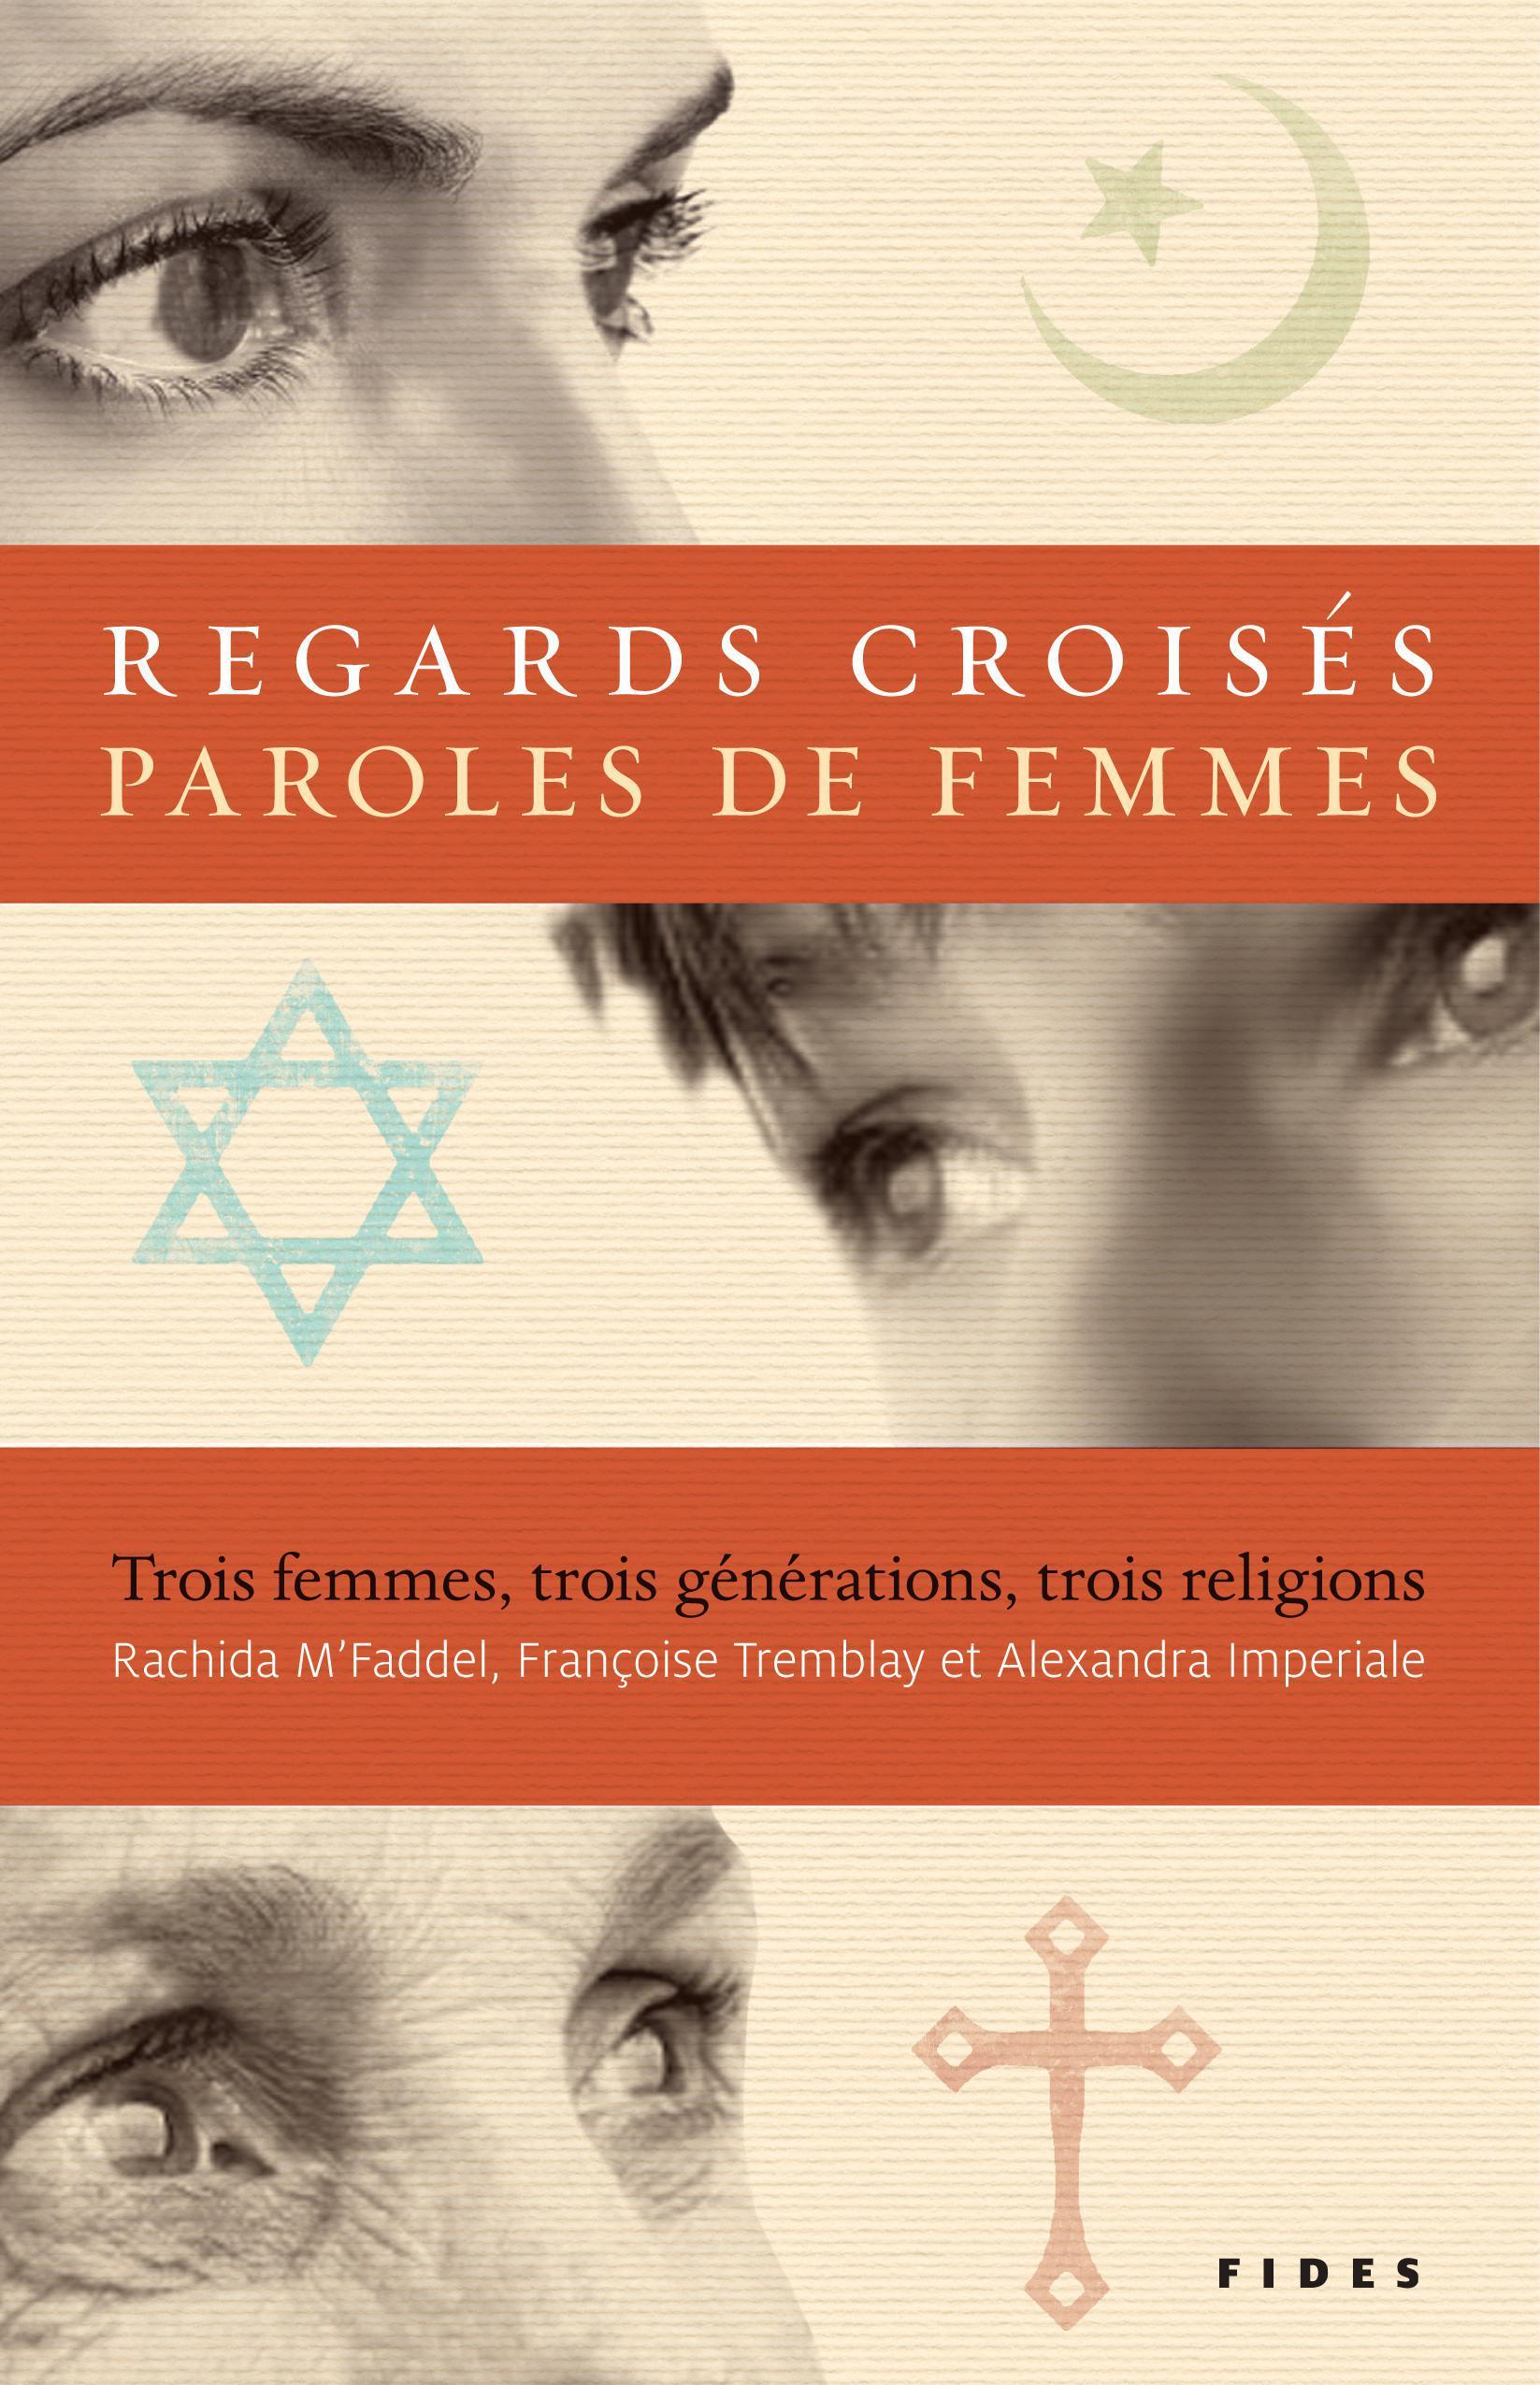 Regards croisés, paroles de femmes, Trois femmes, trois générations, trois religions